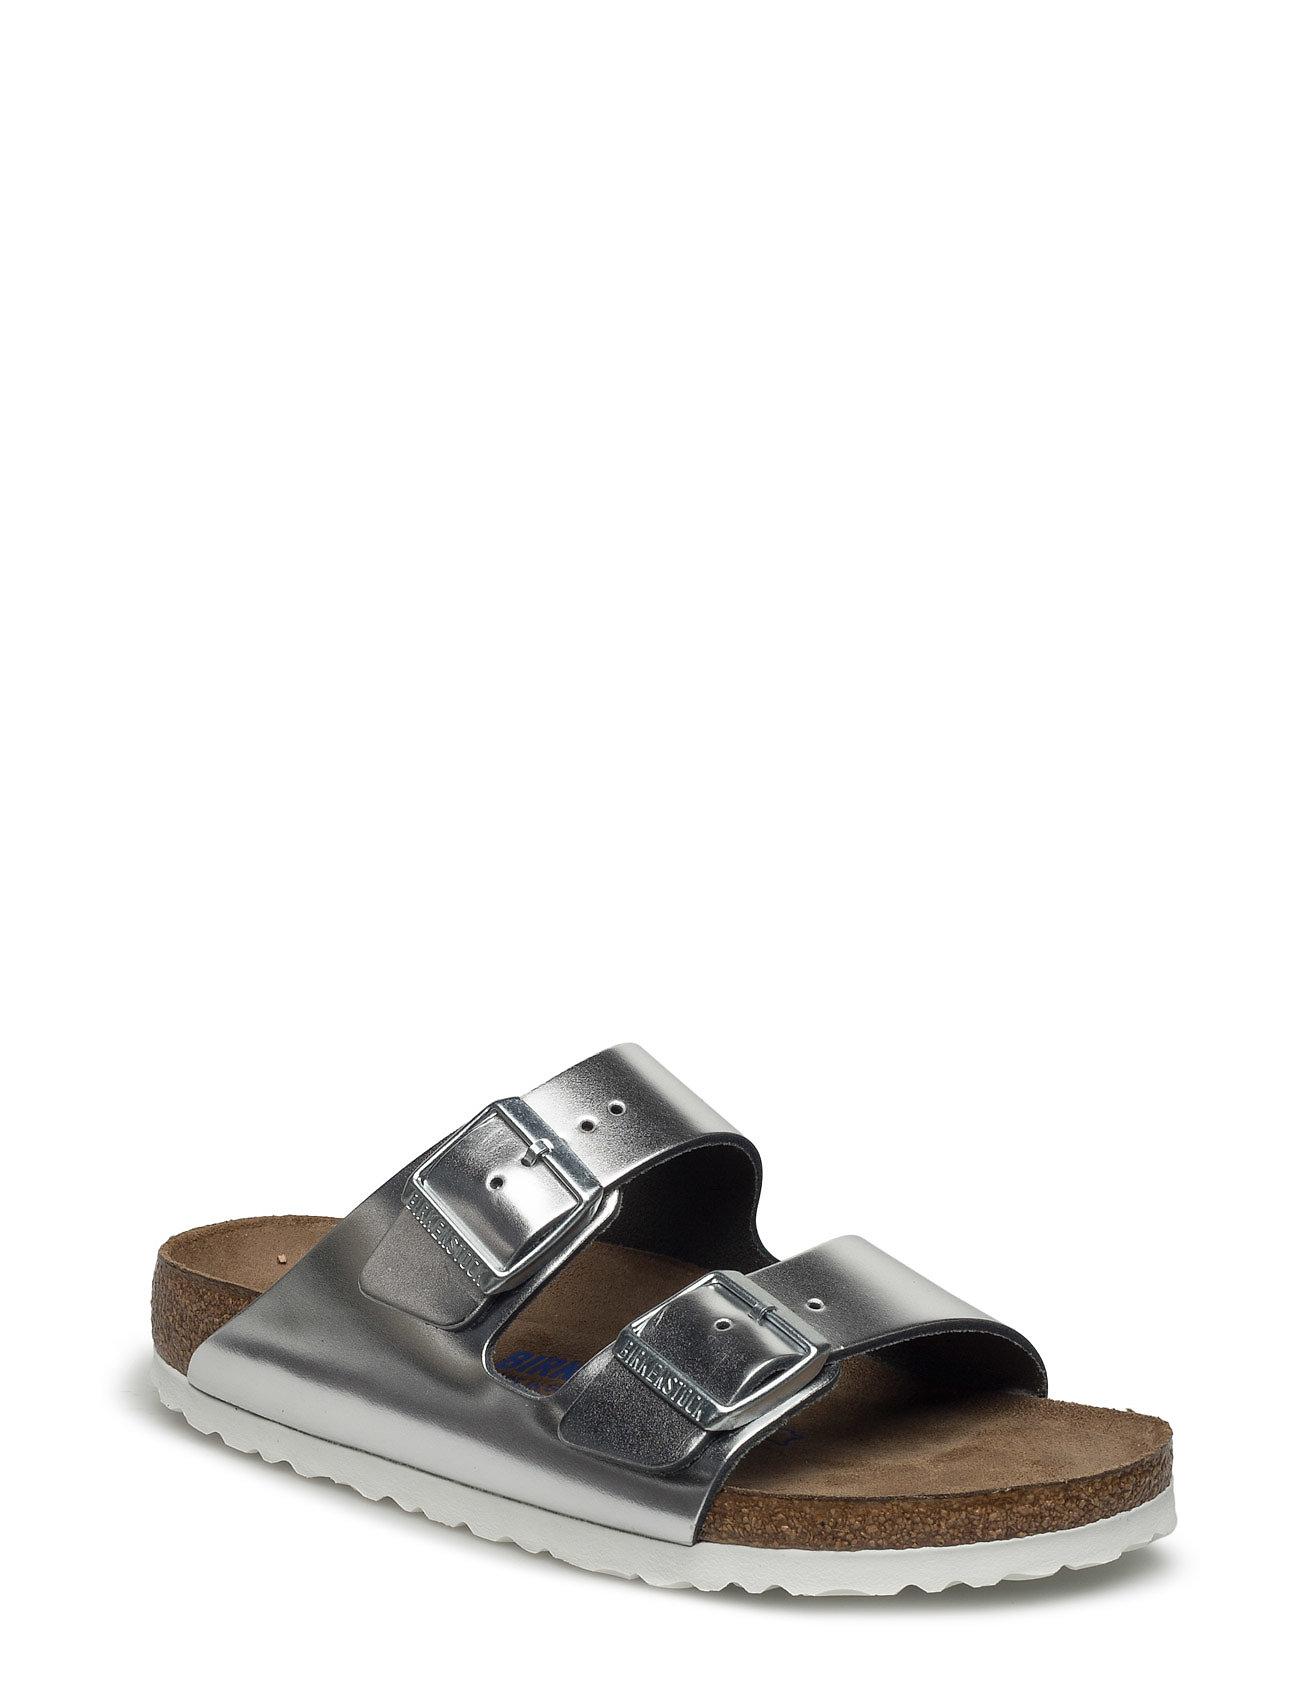 d57c2b13d425 Arizona flade sandaler fra Birkenstock til dame i Sølv - Pashion.dk